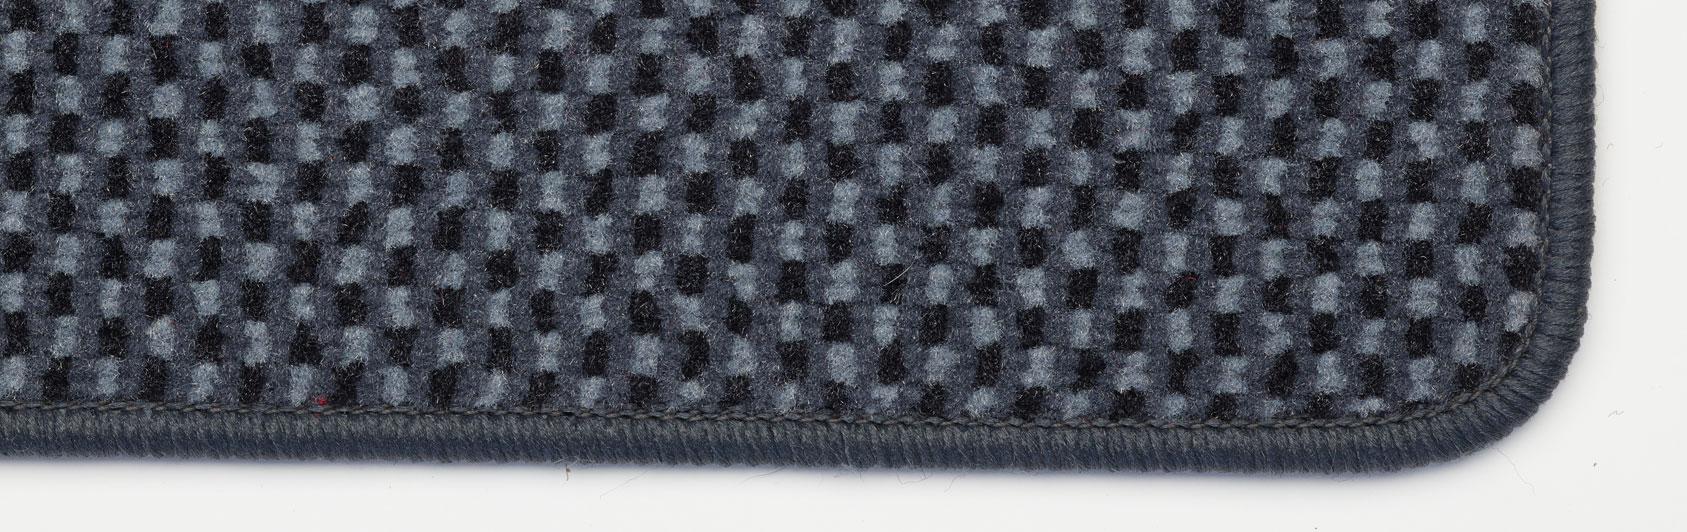 paillassons robusta couleur gris couleur code 950